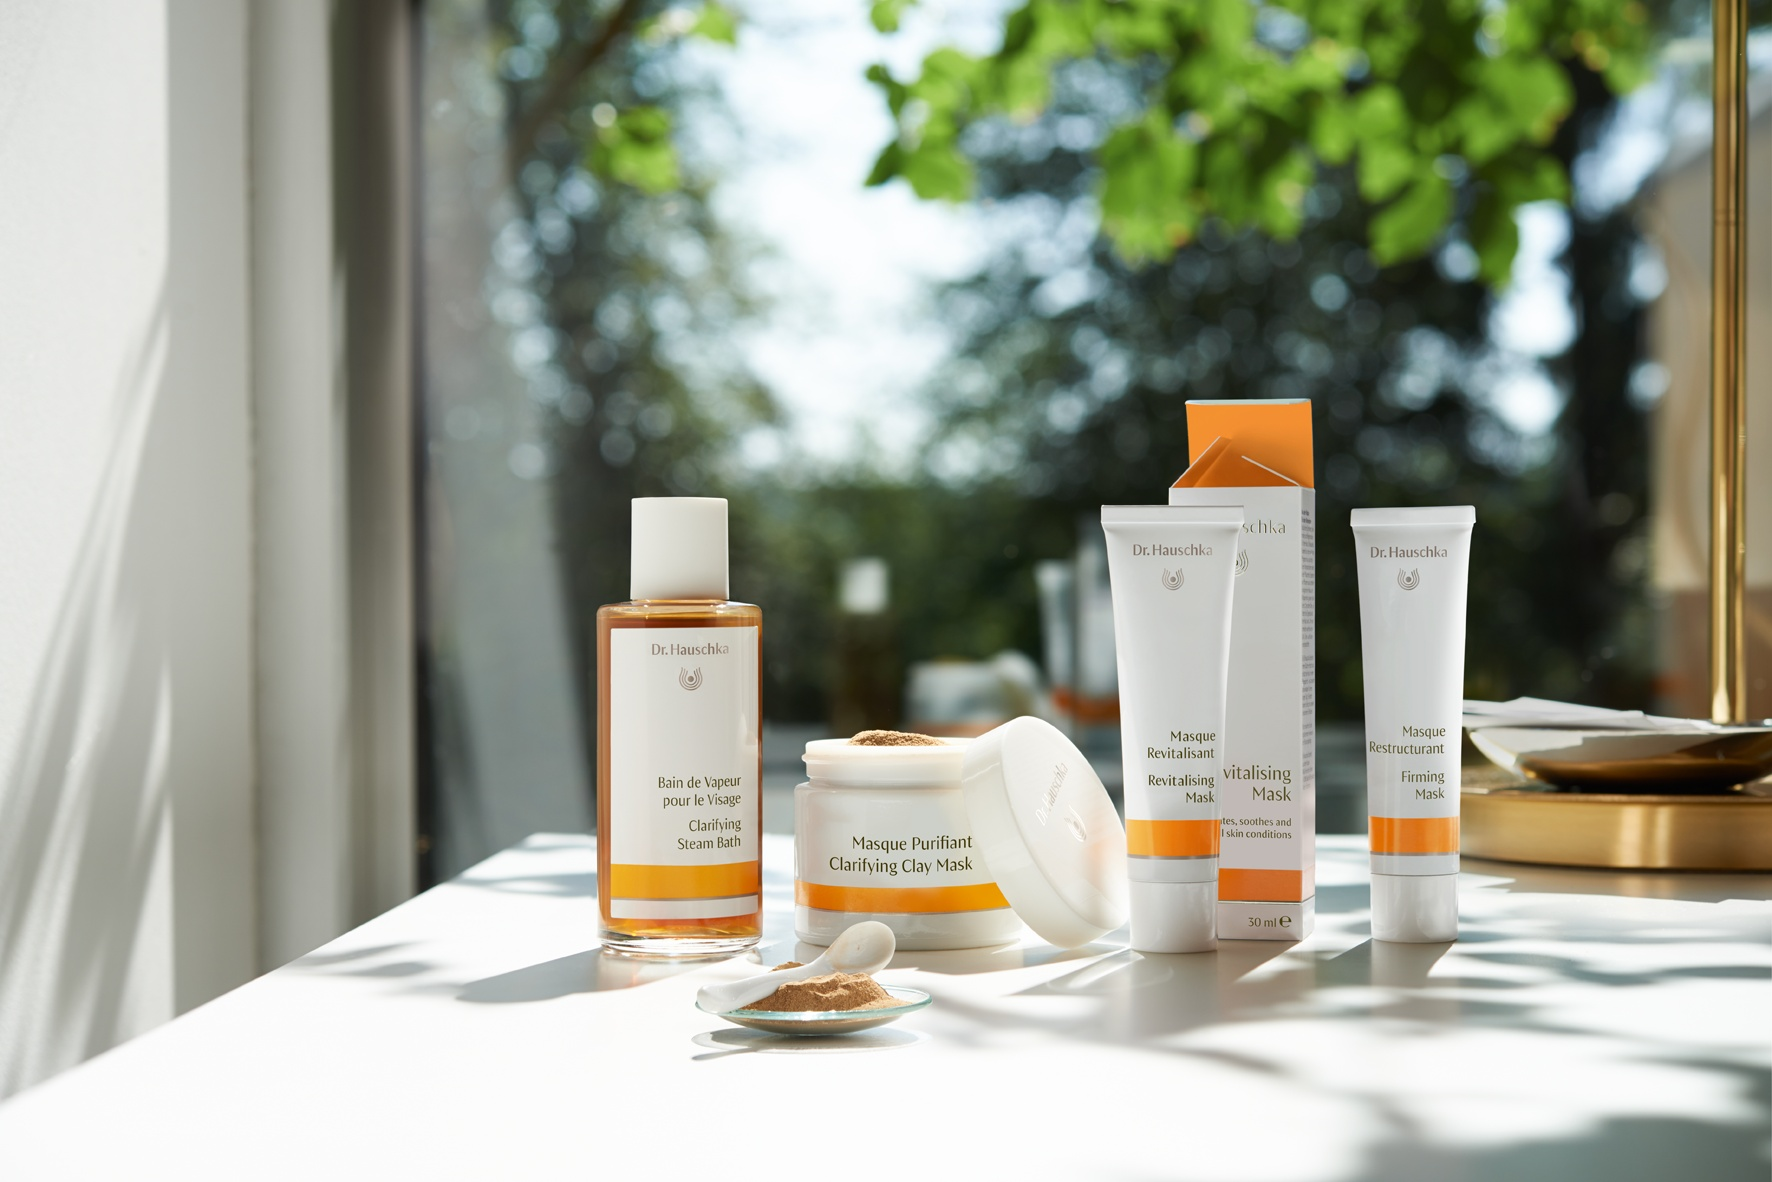 Produits de beauté Dr. Hauschka bio vente en ligne Les fées du bien-être